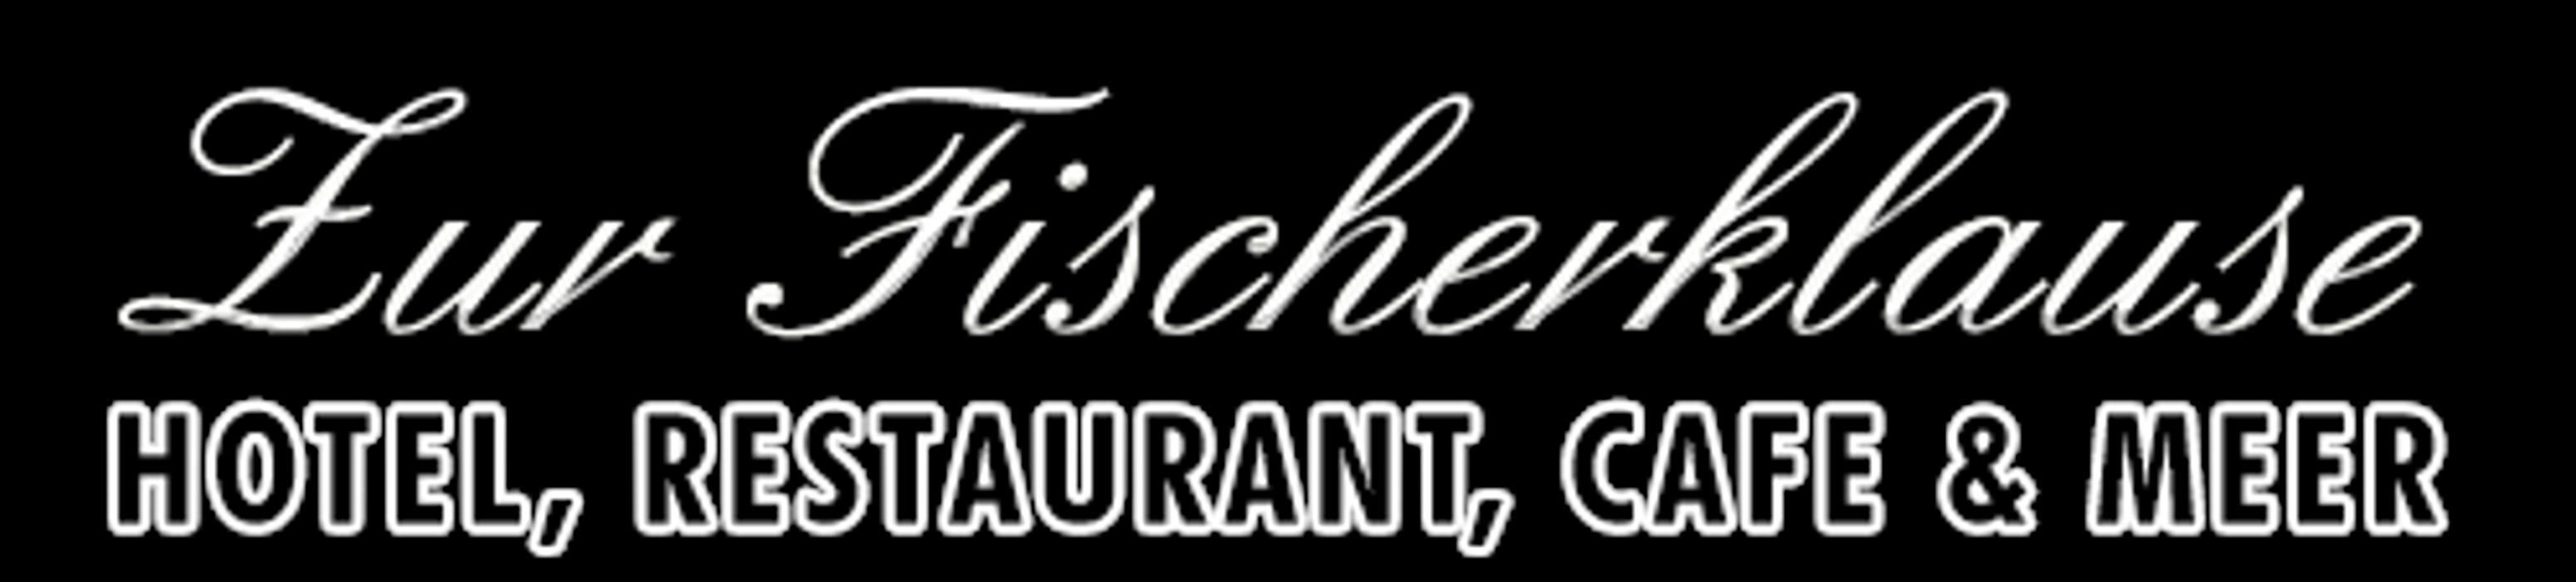 Bild zu Zur Fischerklause - HOTEL, RESTAURANT, CAFE & MEER in Butjadingen